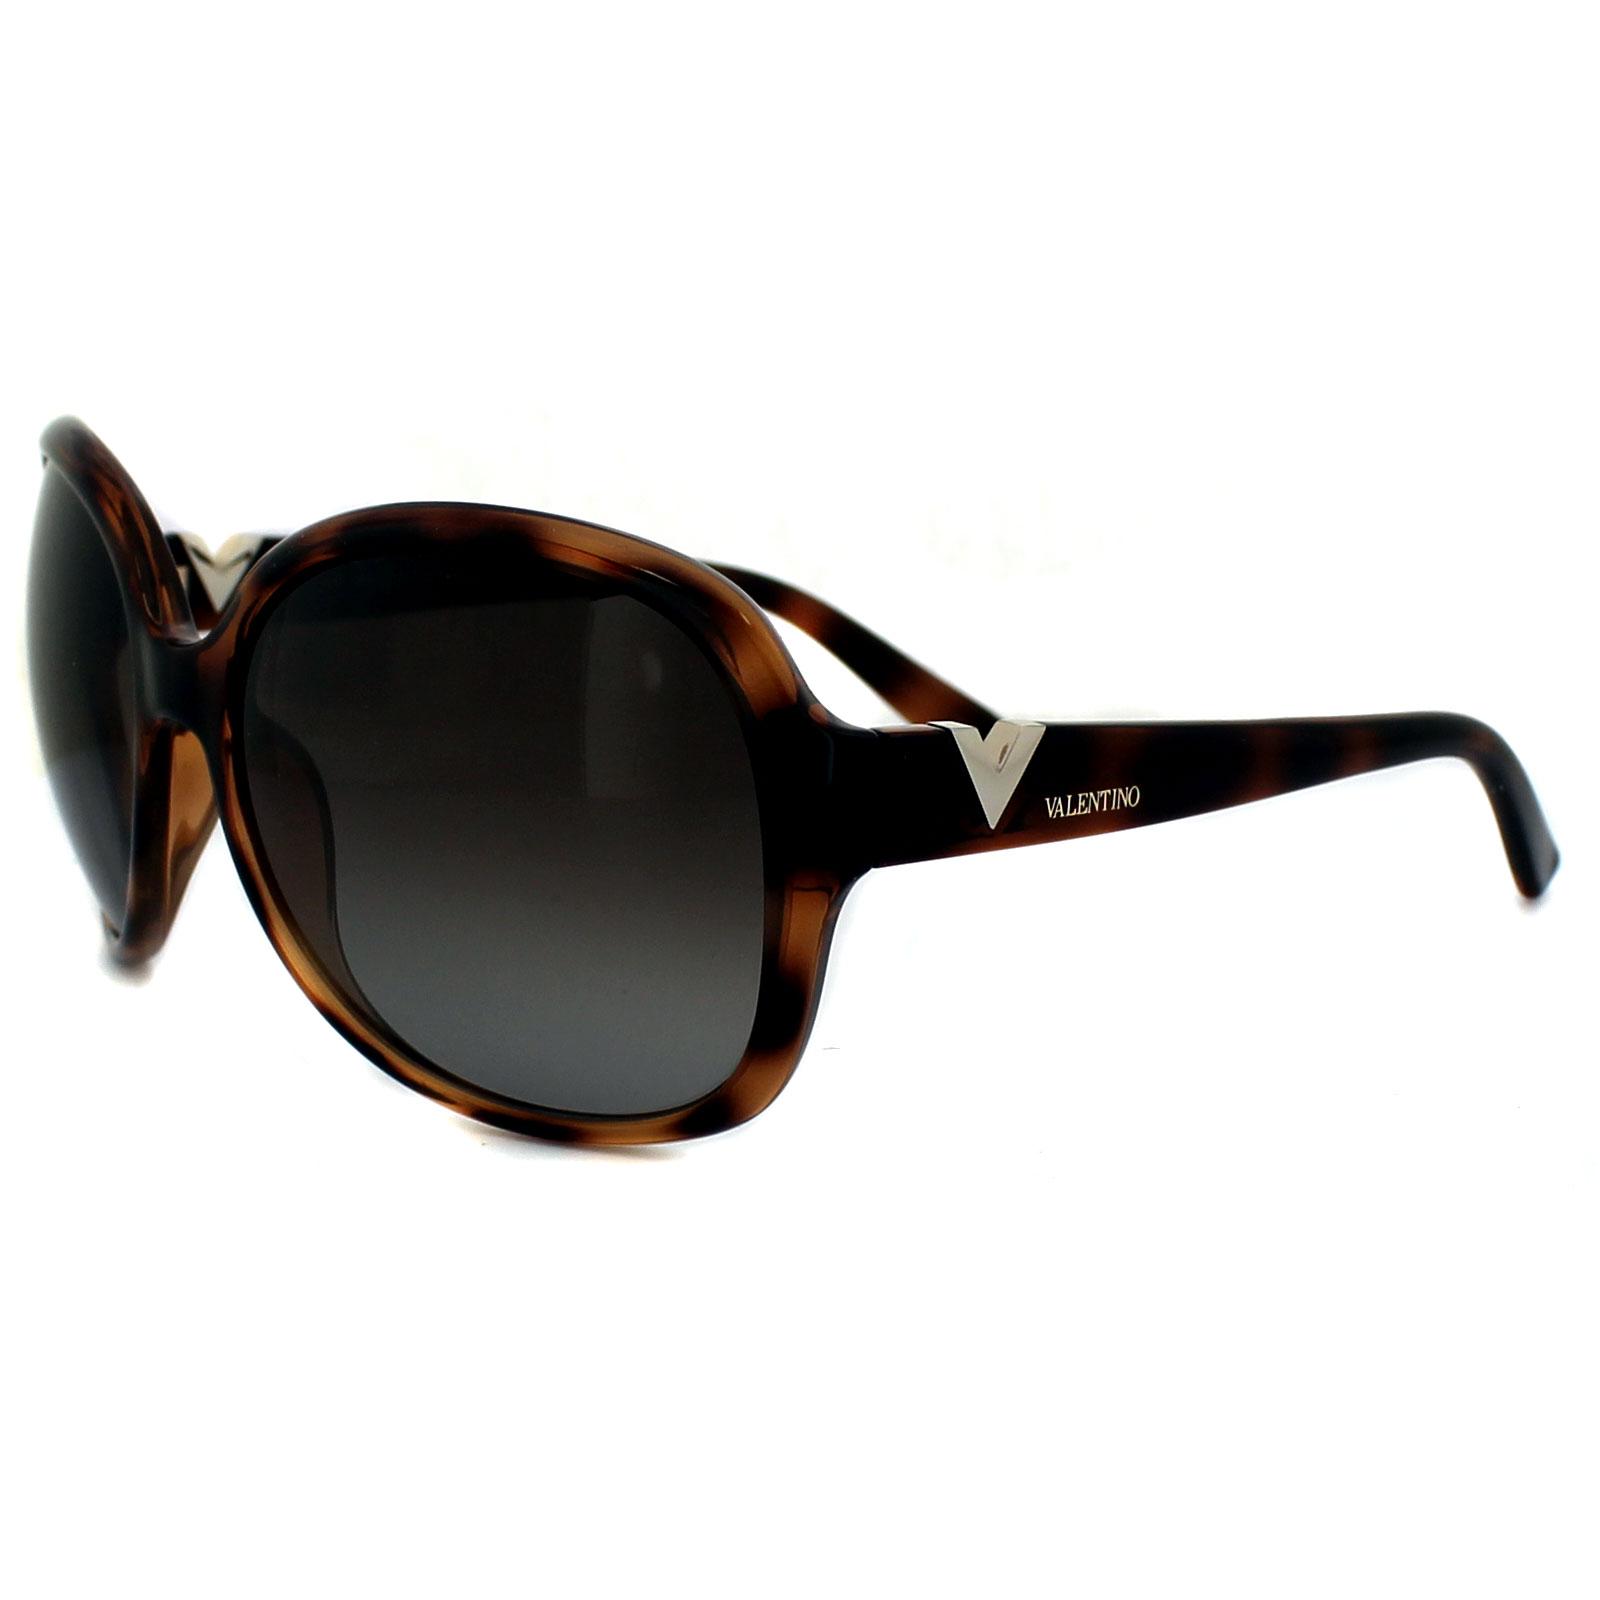 68f0c63eb2f19 Cheap Valentino 612 Sunglasses - Discounted Sunglasses